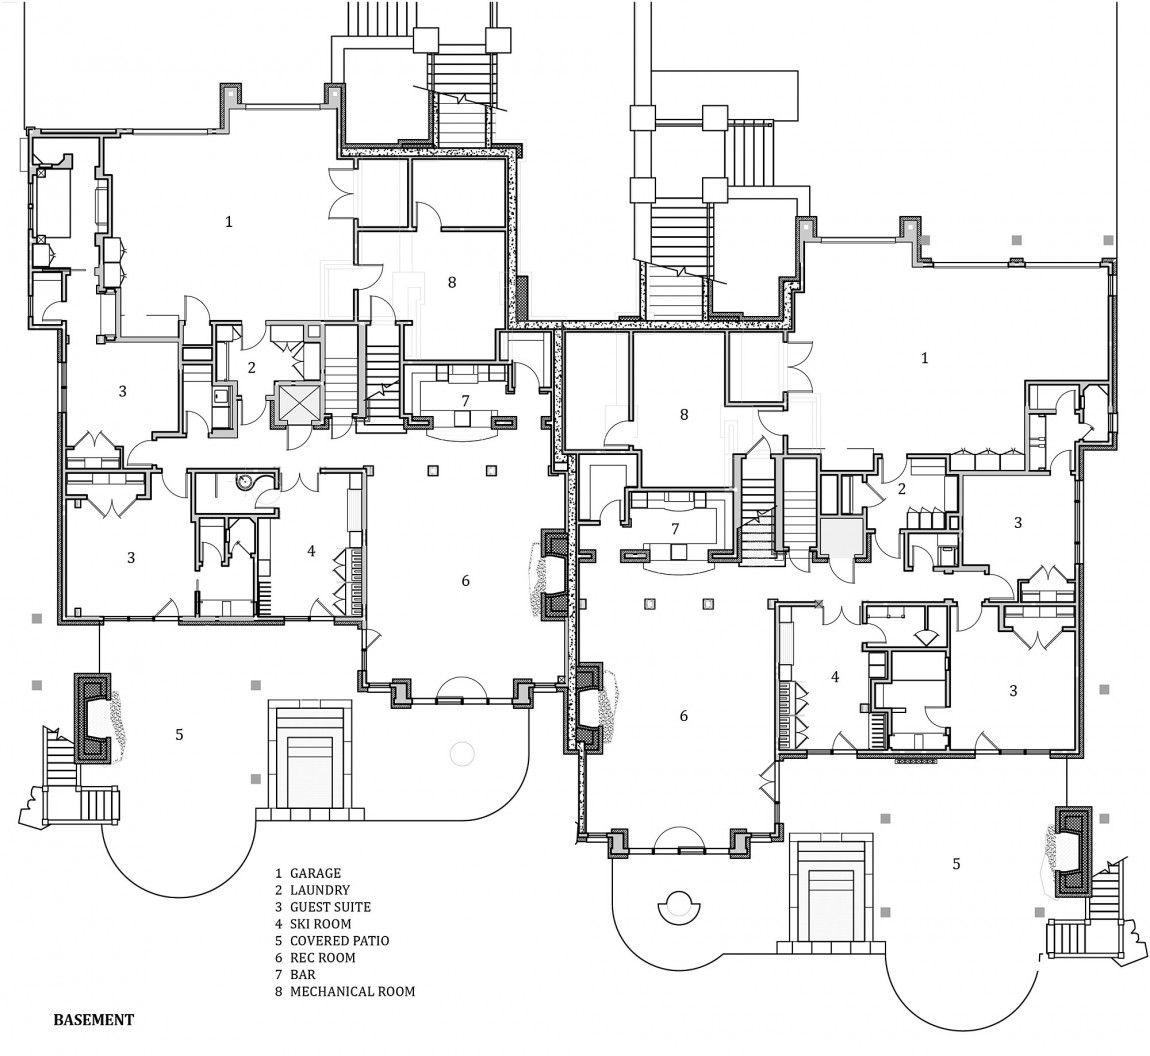 Slopside Chalets By Locati Architects Homedsgn Big Sky Ski Chalet Architect